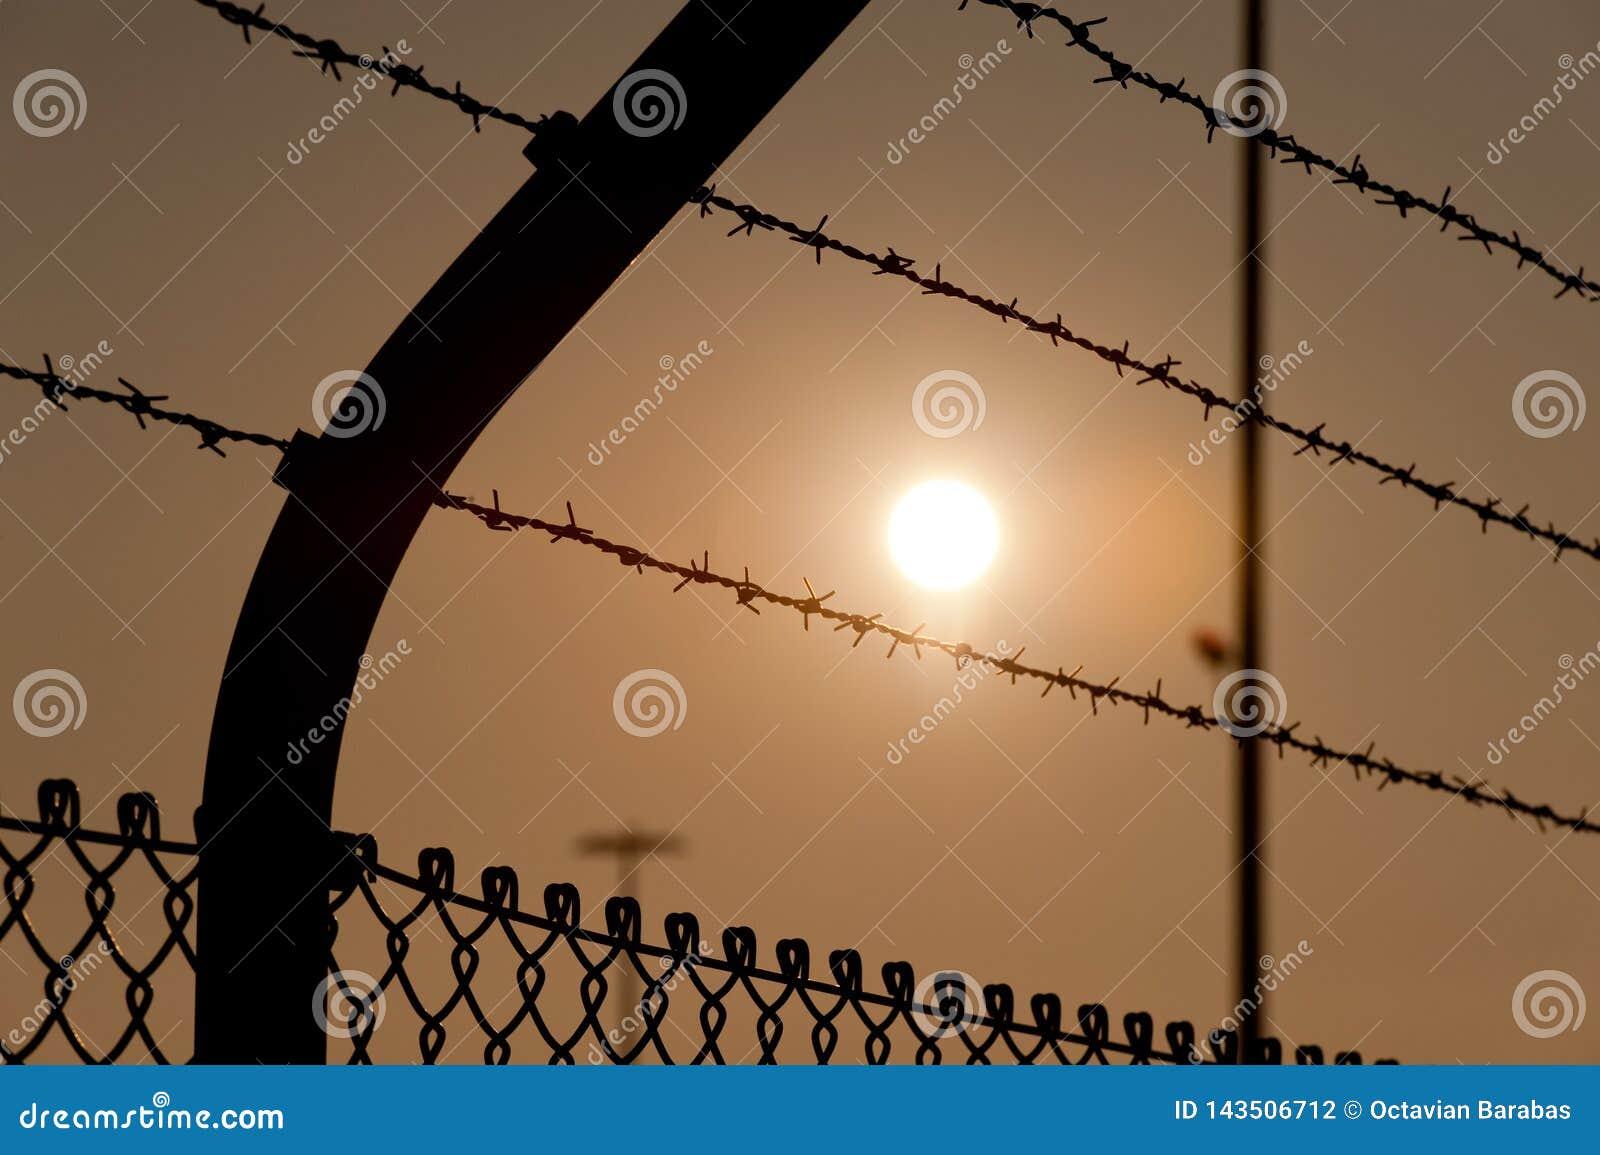 Wysoki ogrodzenie z drutem kolczastym w zmierzchu